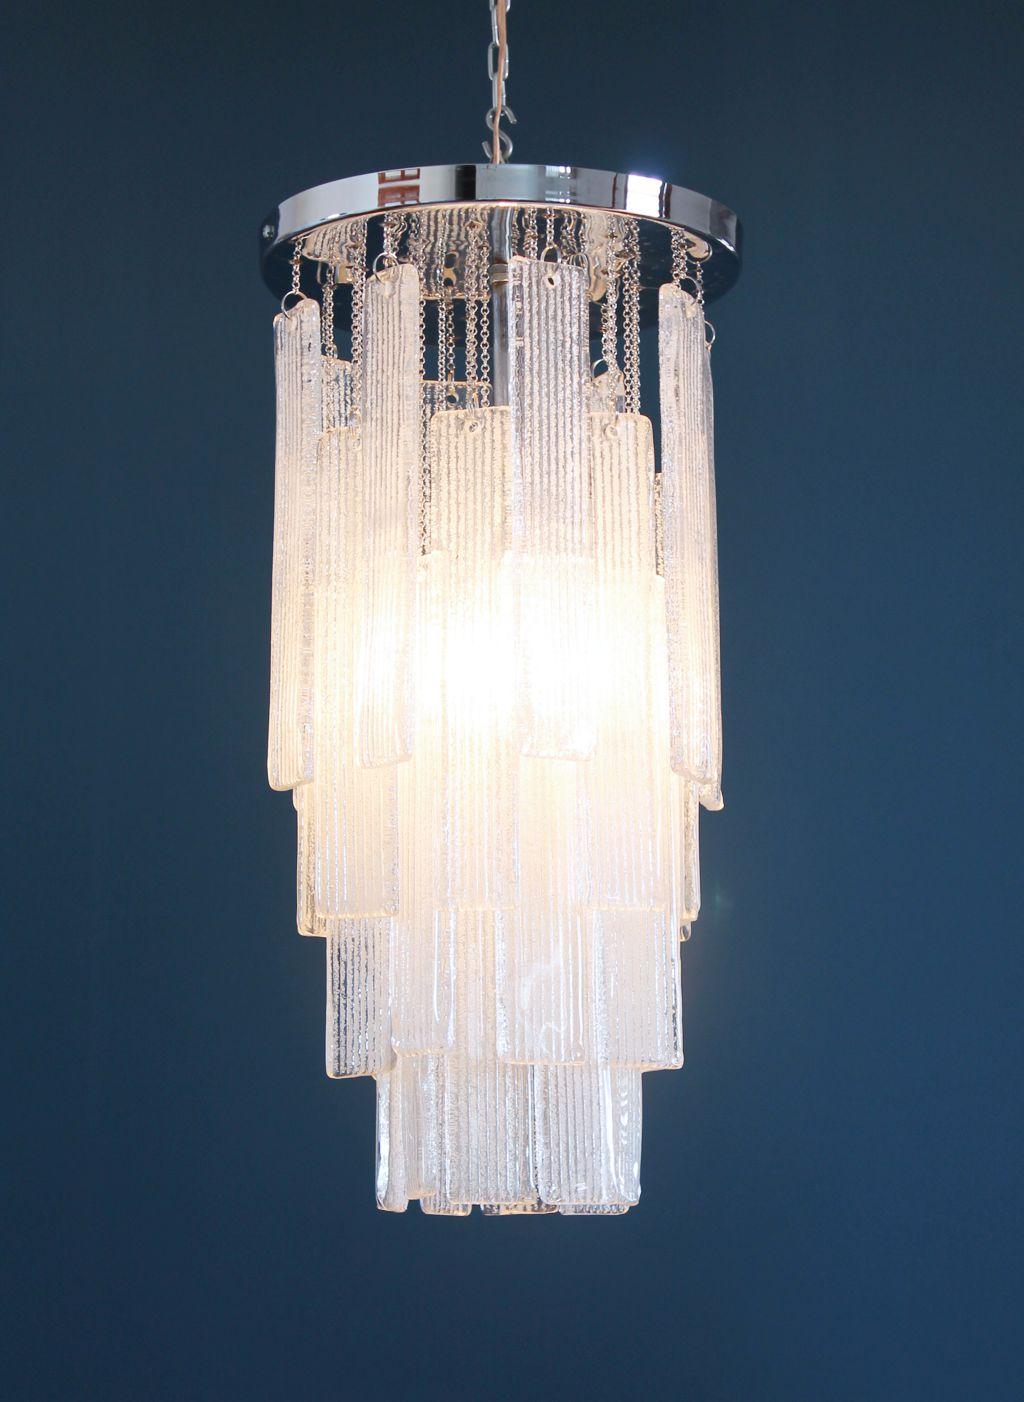 de atribuida techo Espectacular en Murano cristal de lámpara rQtCxshd